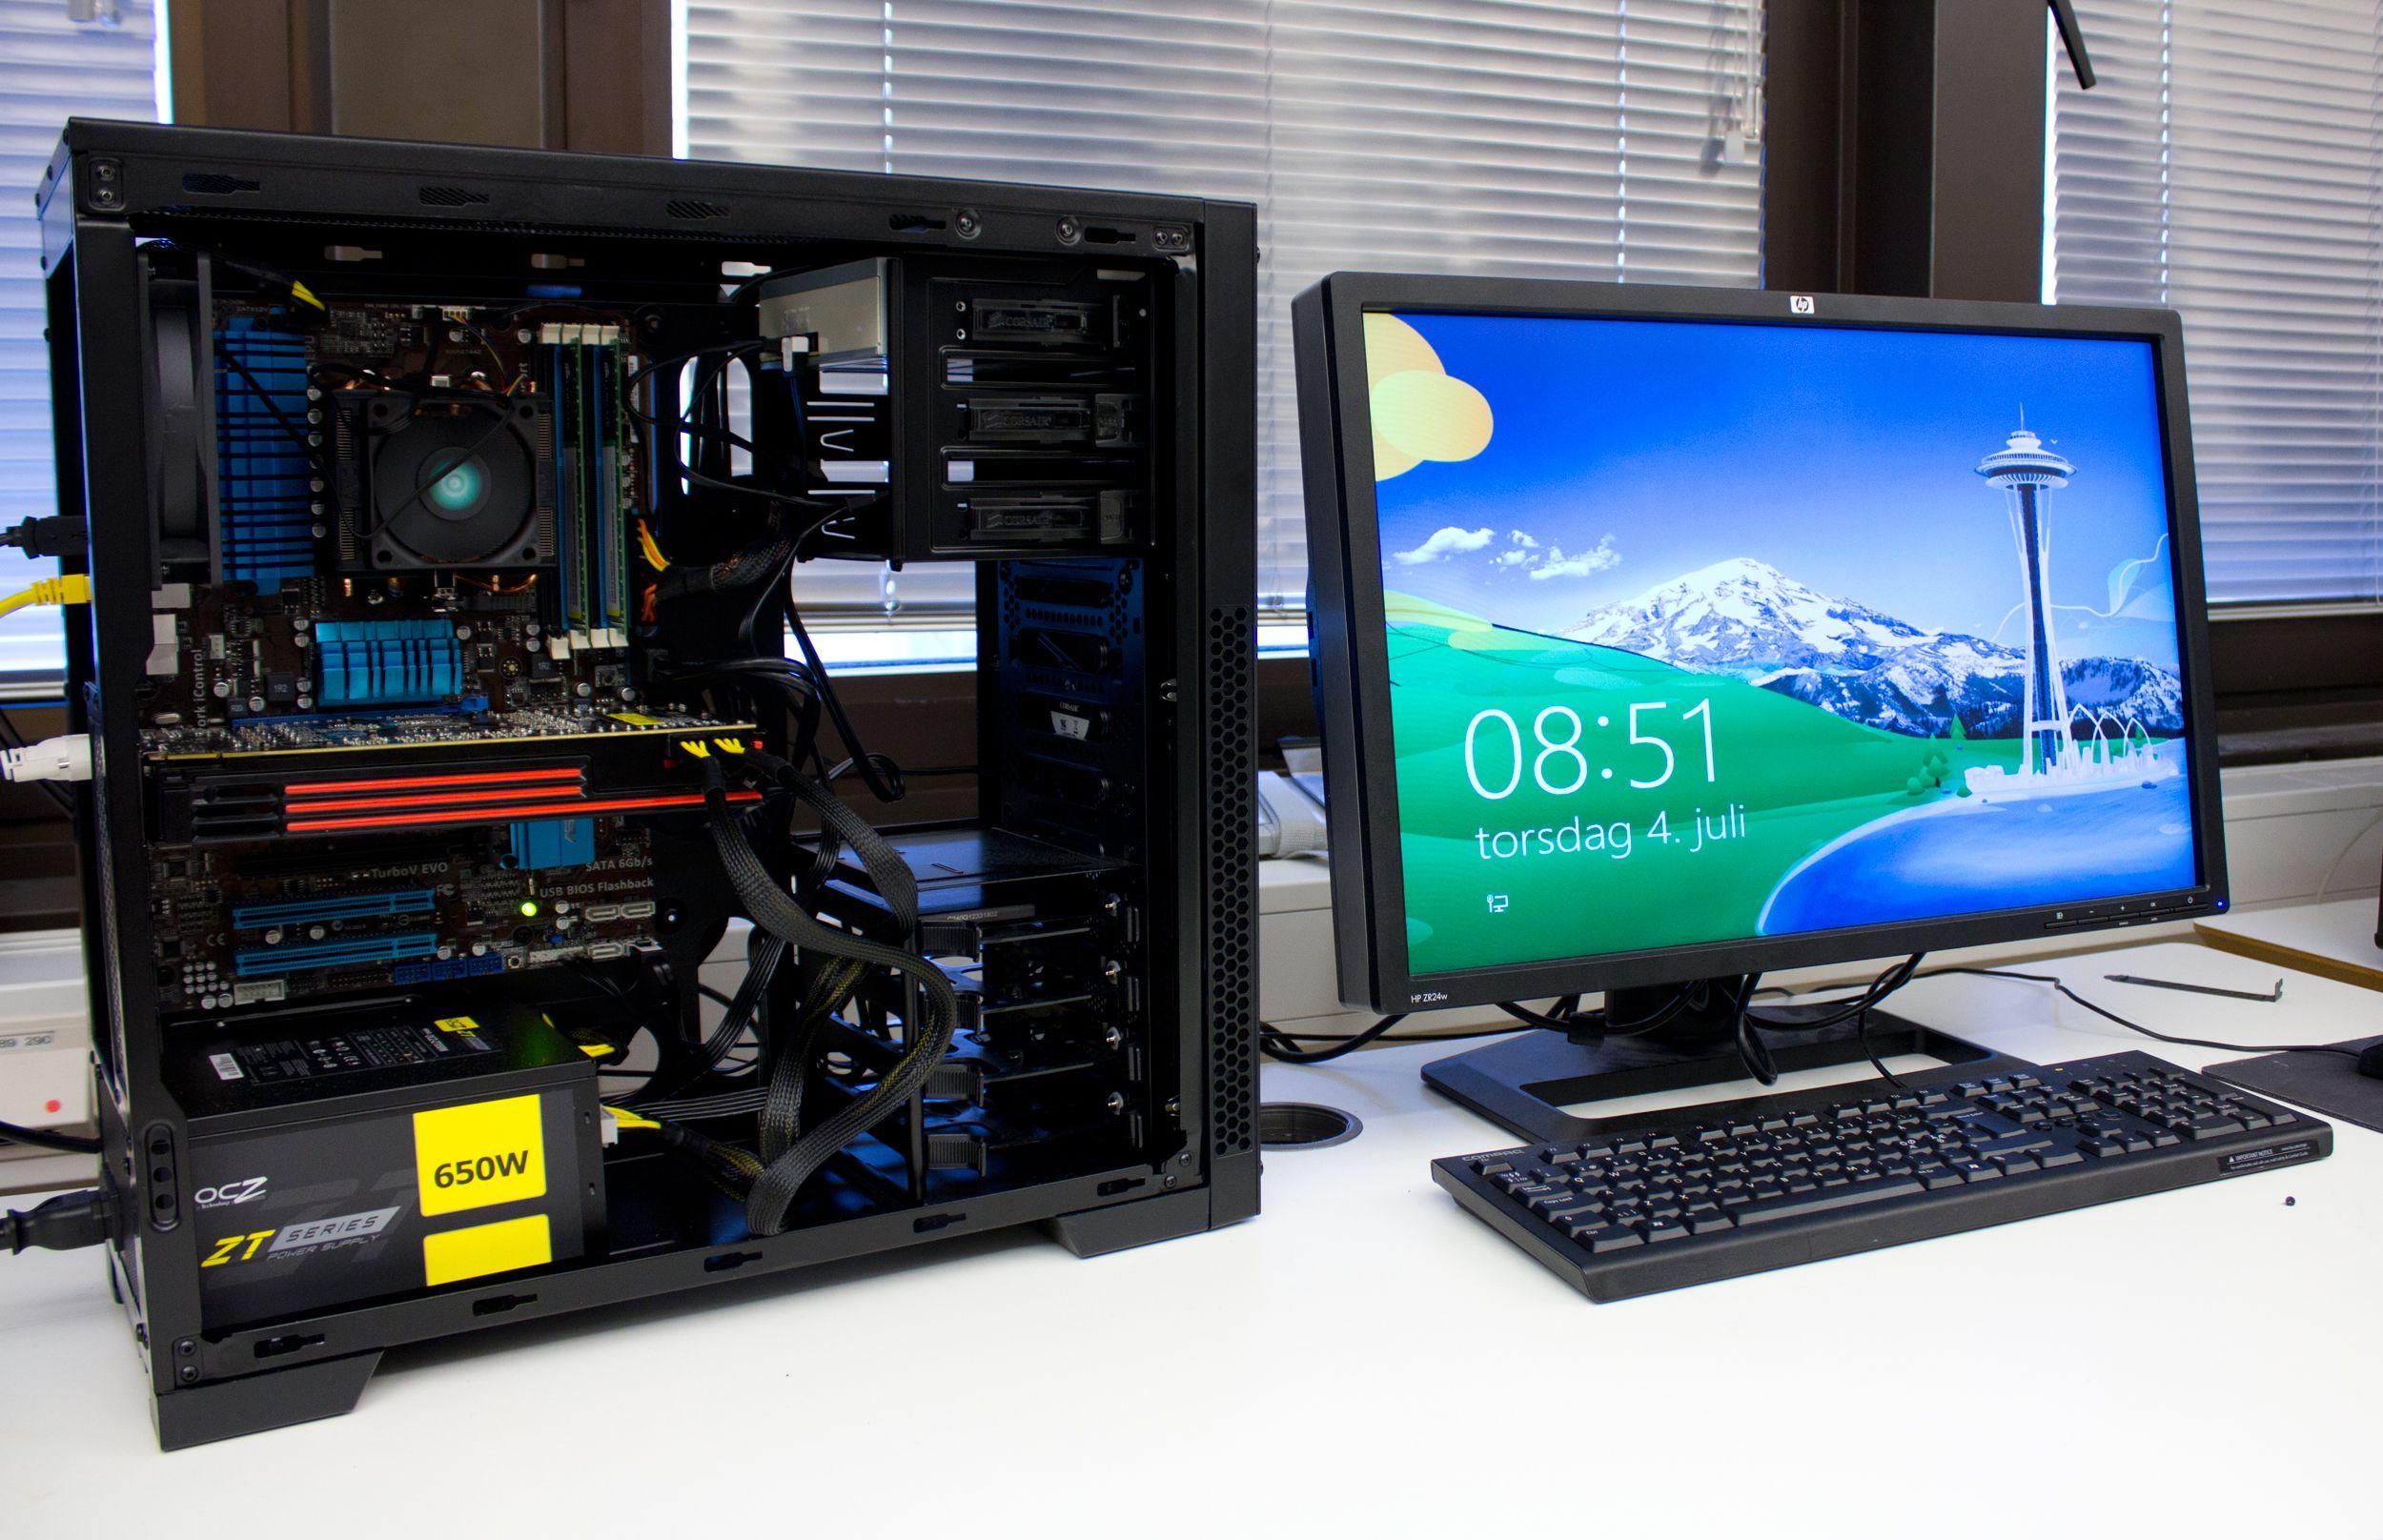 En helt vanlig datamaskin, med sidedøren av. Snart skal den få smake elektroner på ville veier. .Foto: Rolf B. Wegner, Hardware.no